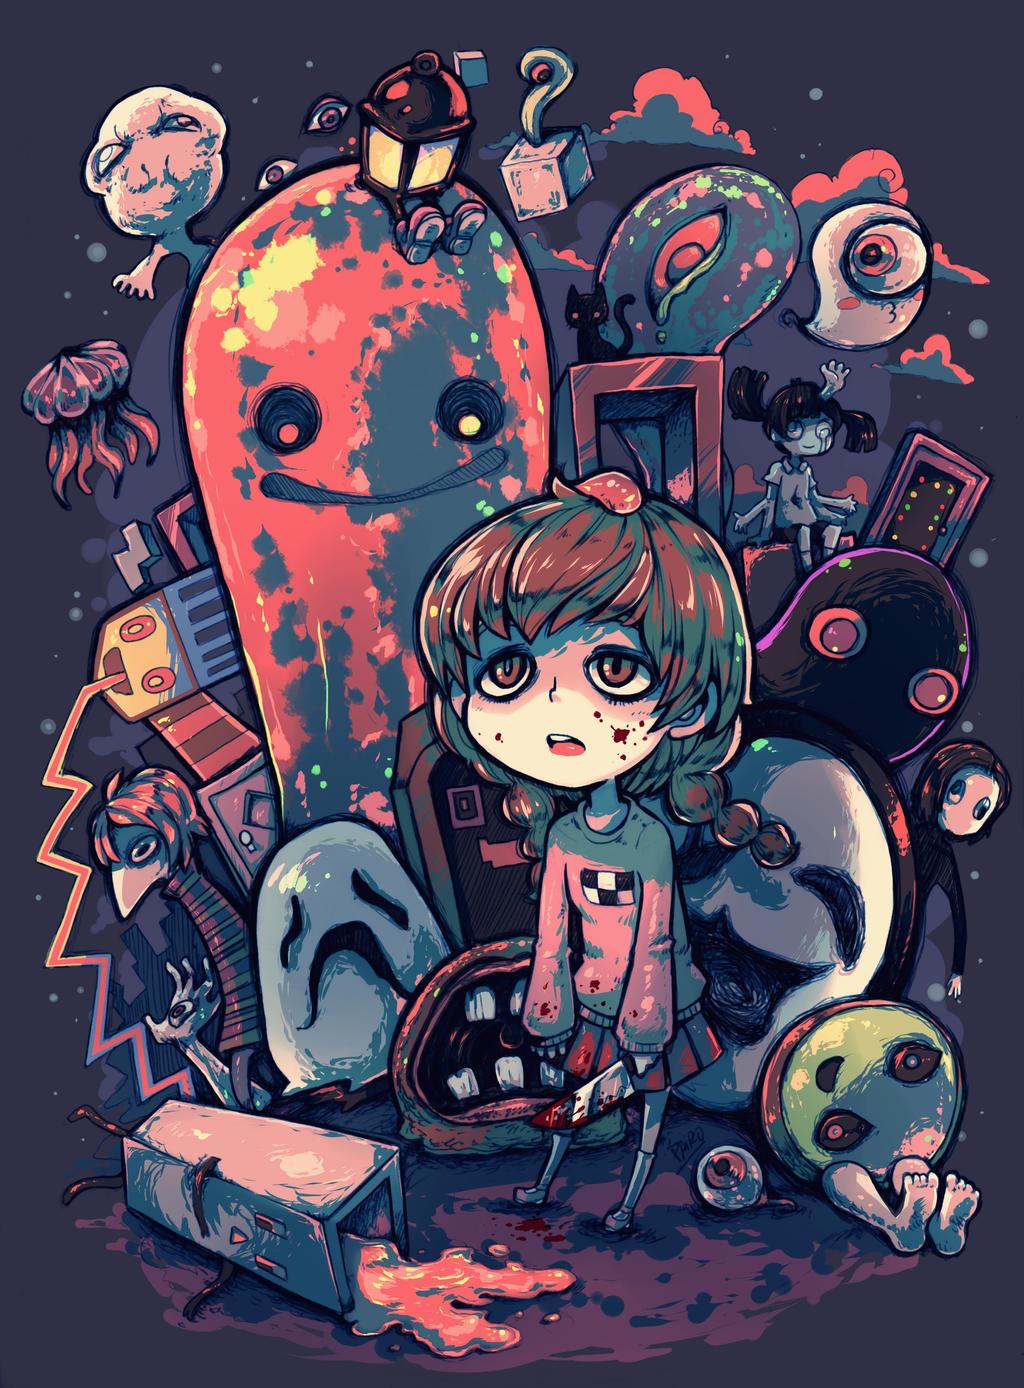 Yume Nikki by Parororo